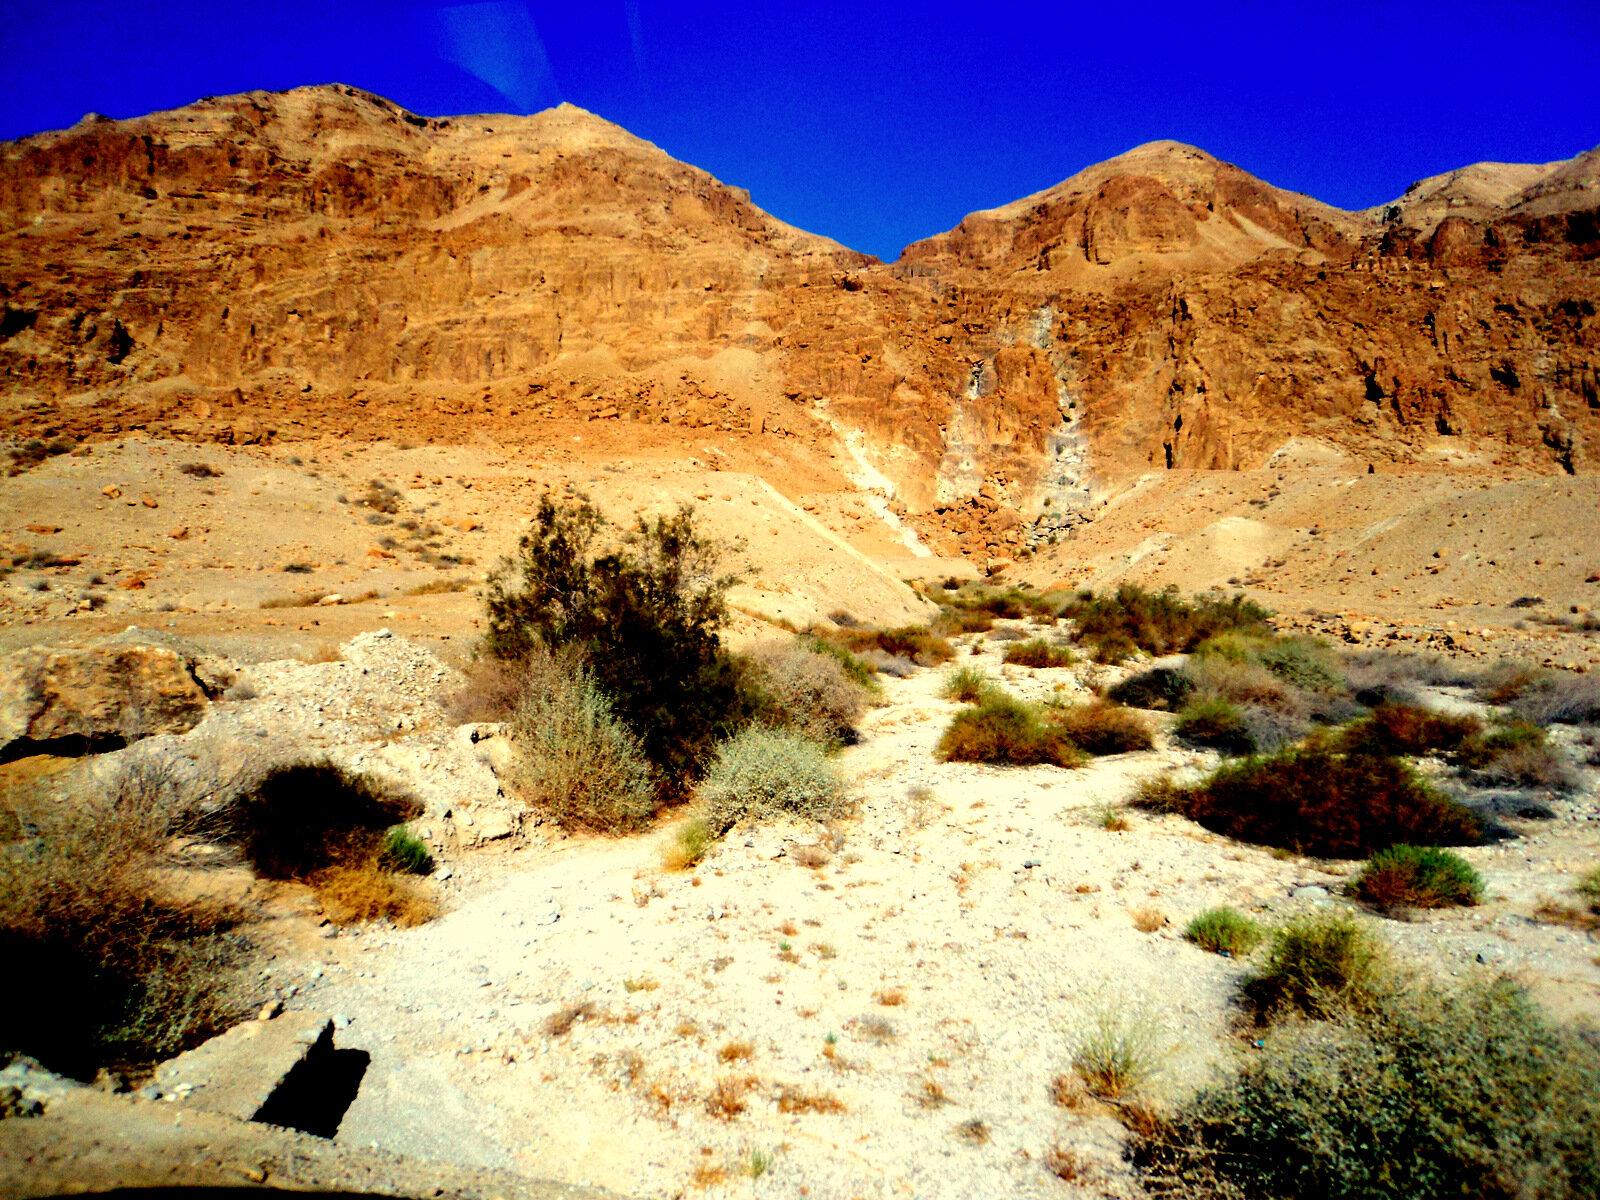 ИЗРАИЛЬ. Иудейская пустыня и Мертвое море, 28.09.2019 (продолжение)